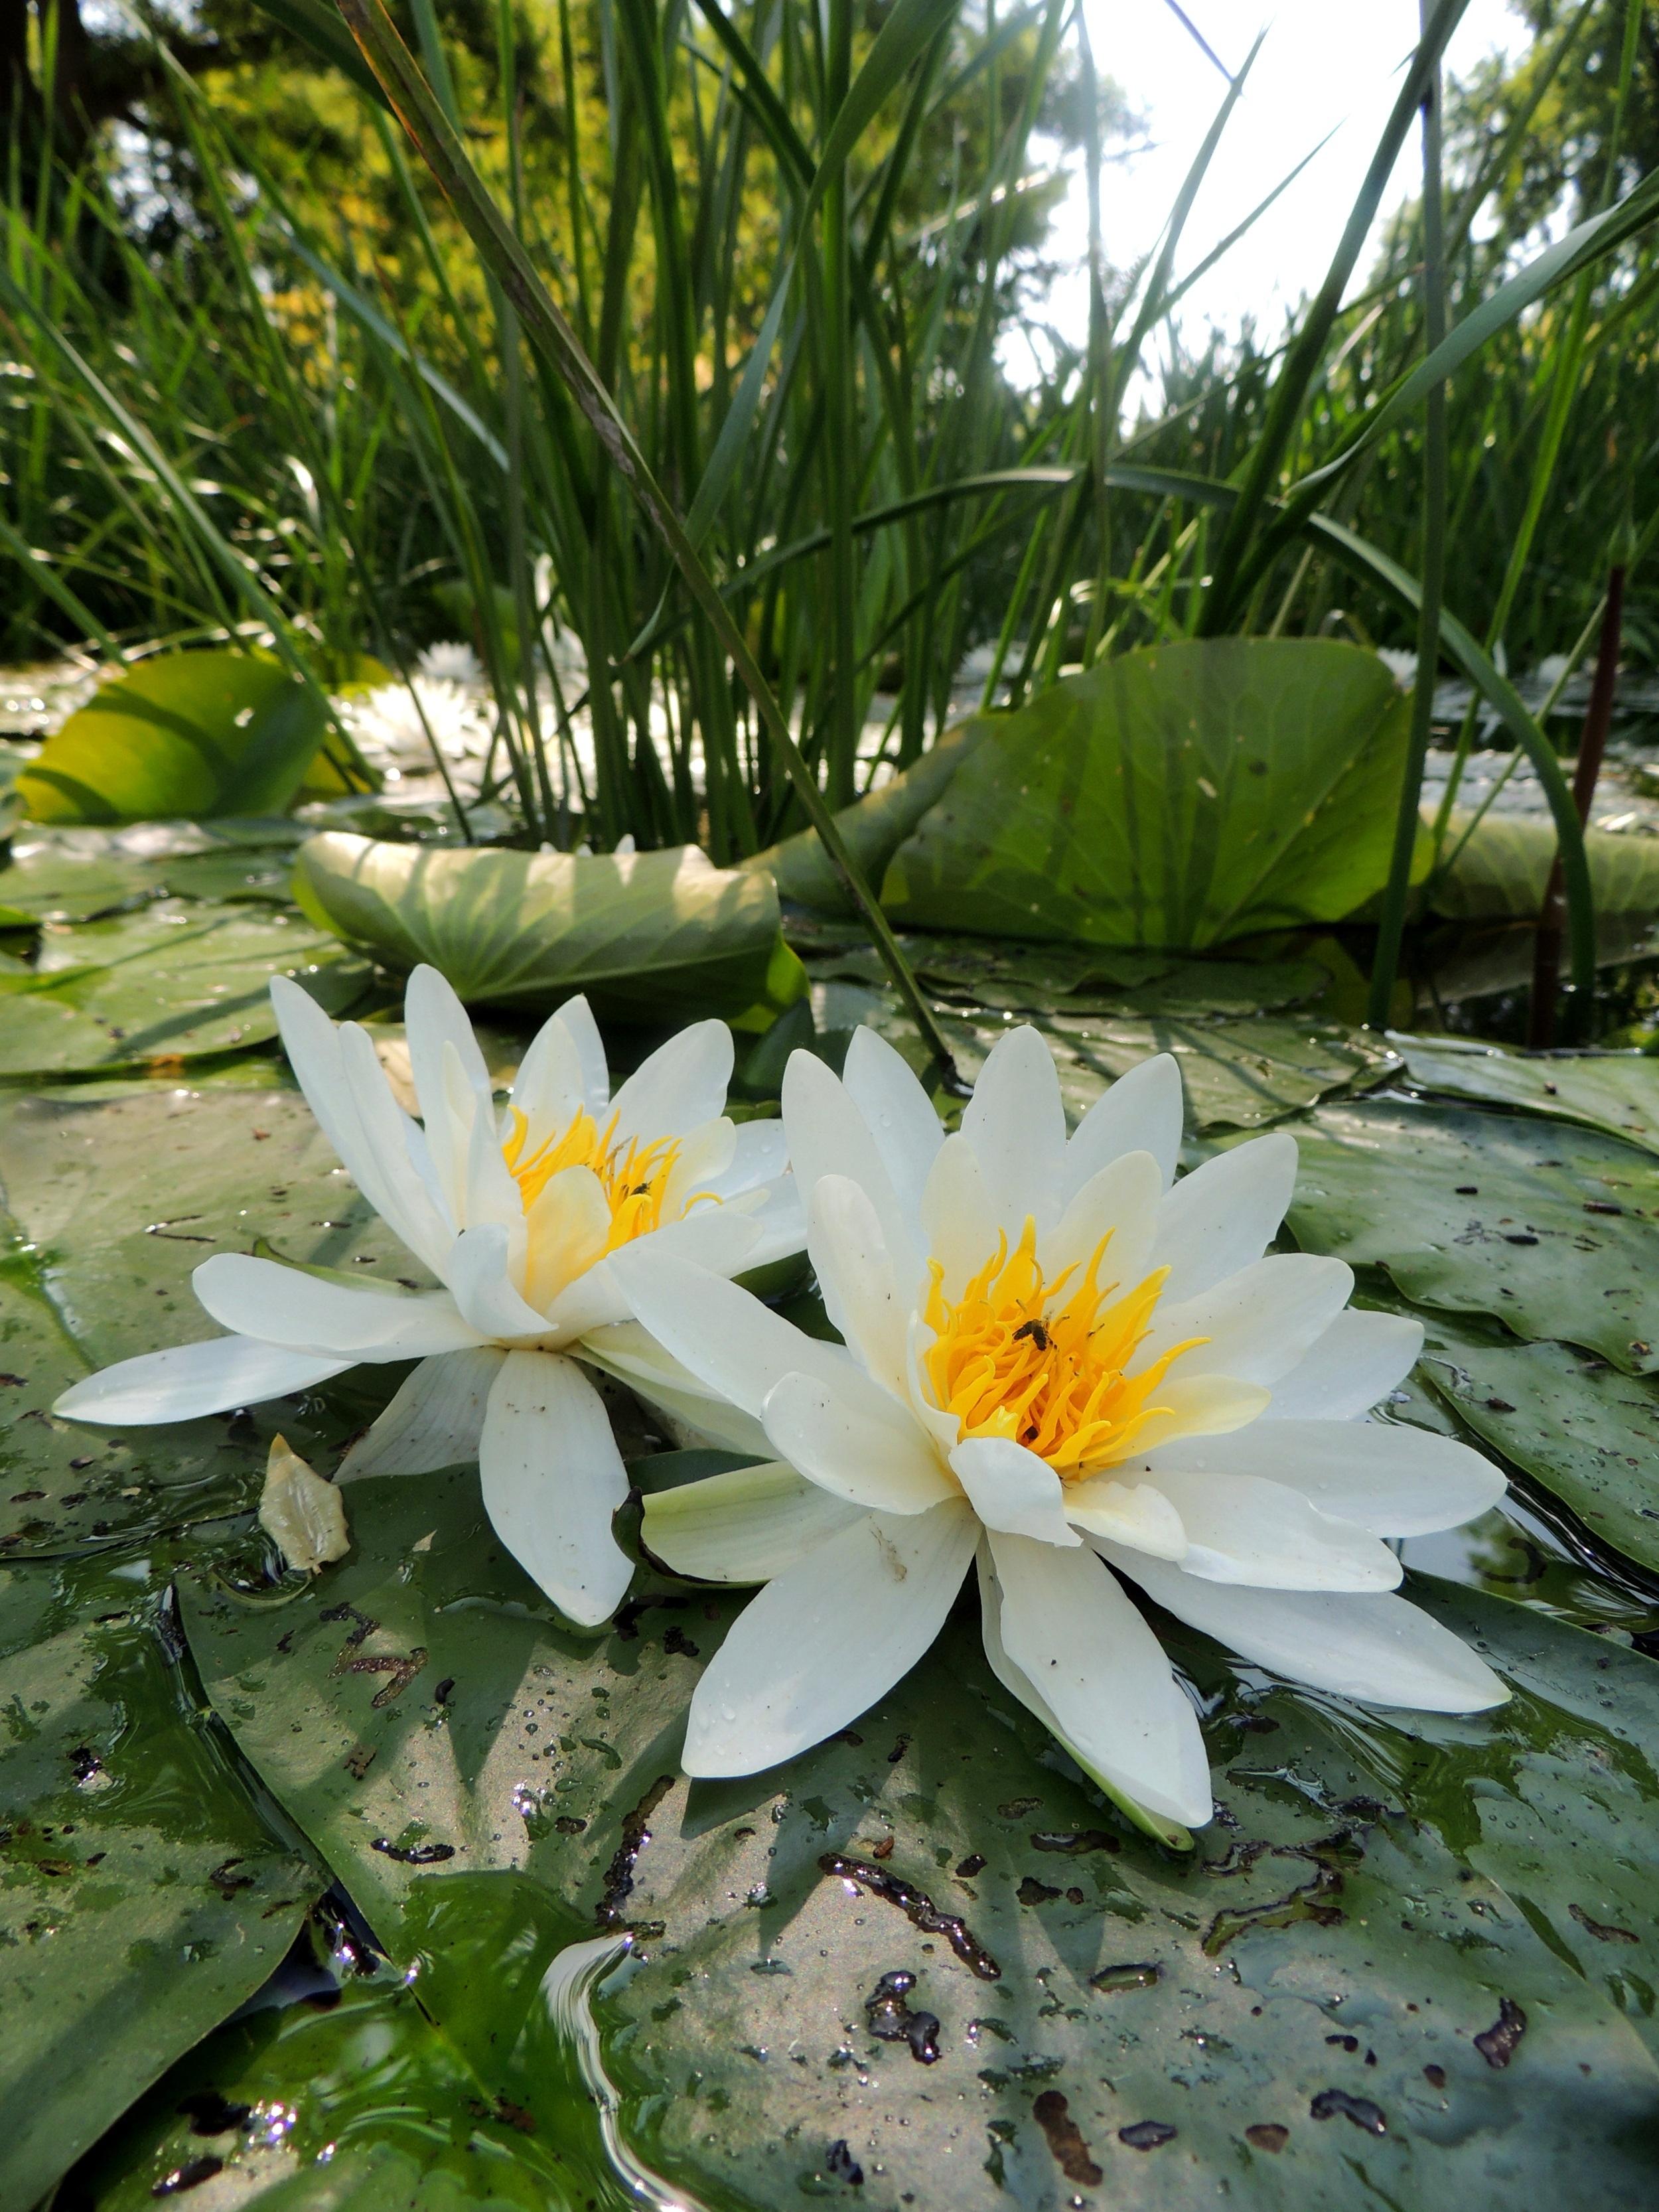 Images Gratuites Eau La Nature Fleur Blanc Floraison Etang